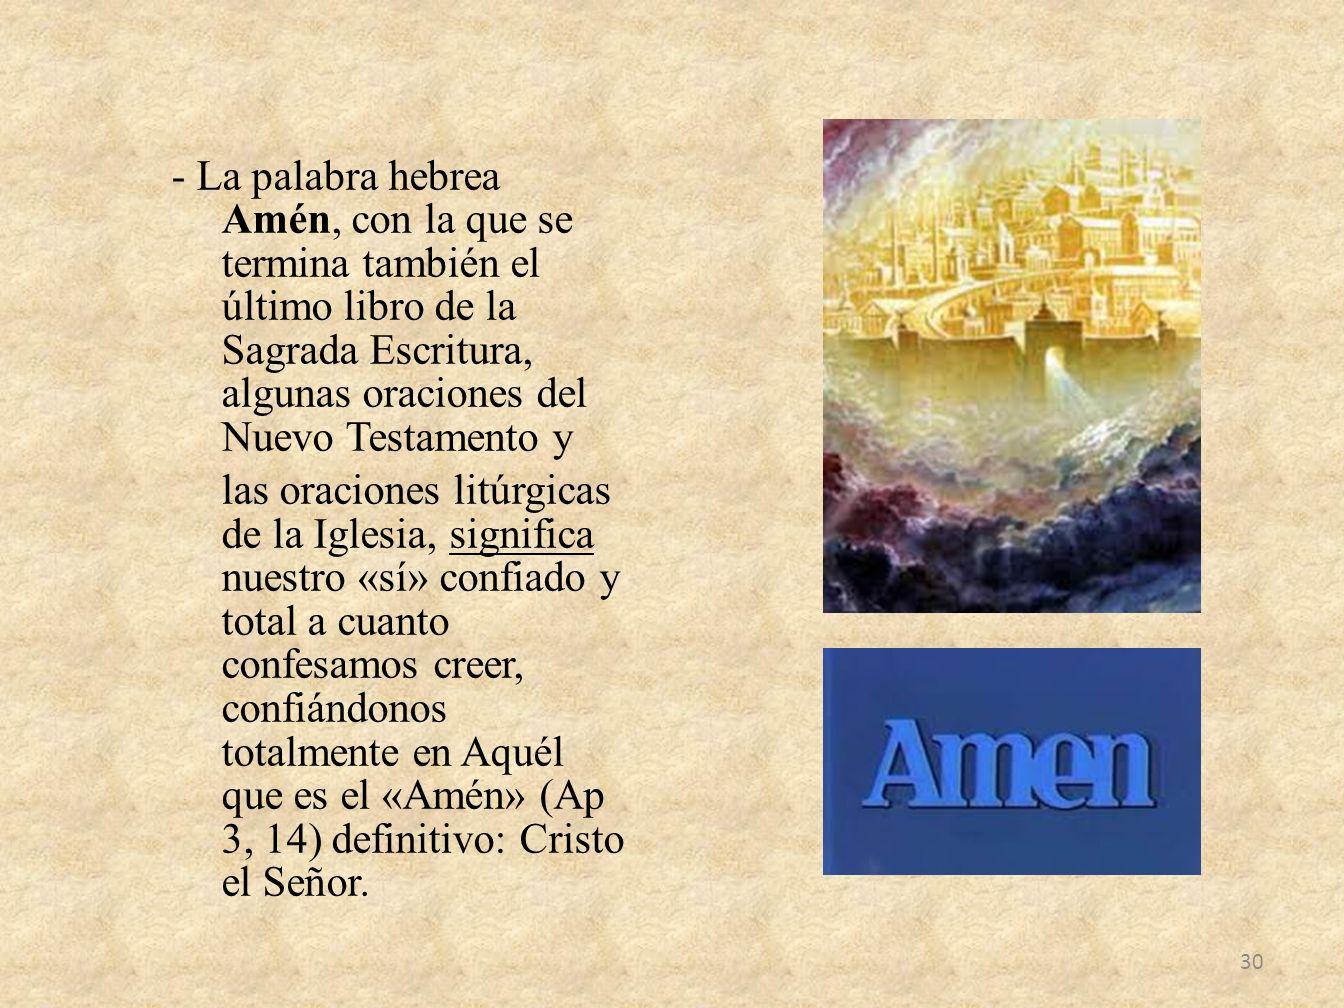 - La palabra hebrea Amén, con la que se termina también el último libro de la Sagrada Escritura, algunas oraciones del Nuevo Testamento y las oracione